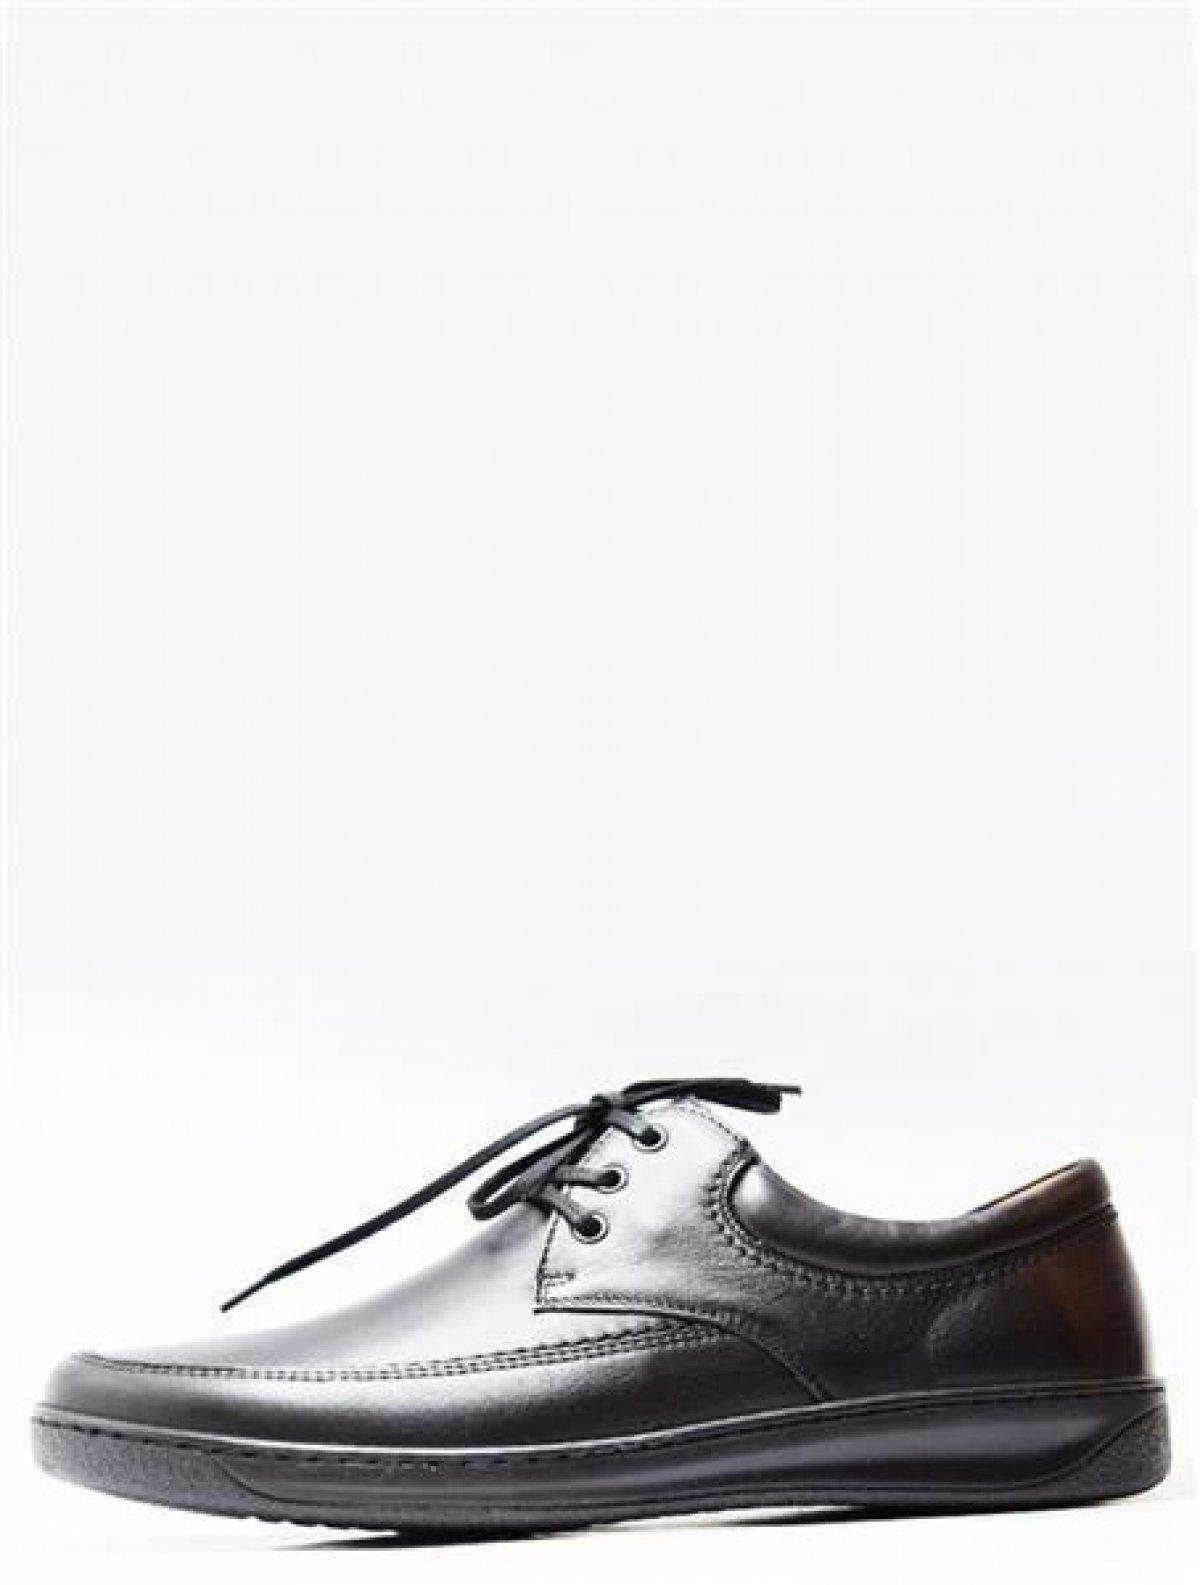 74-0070101-1/5-001 туфли мужские